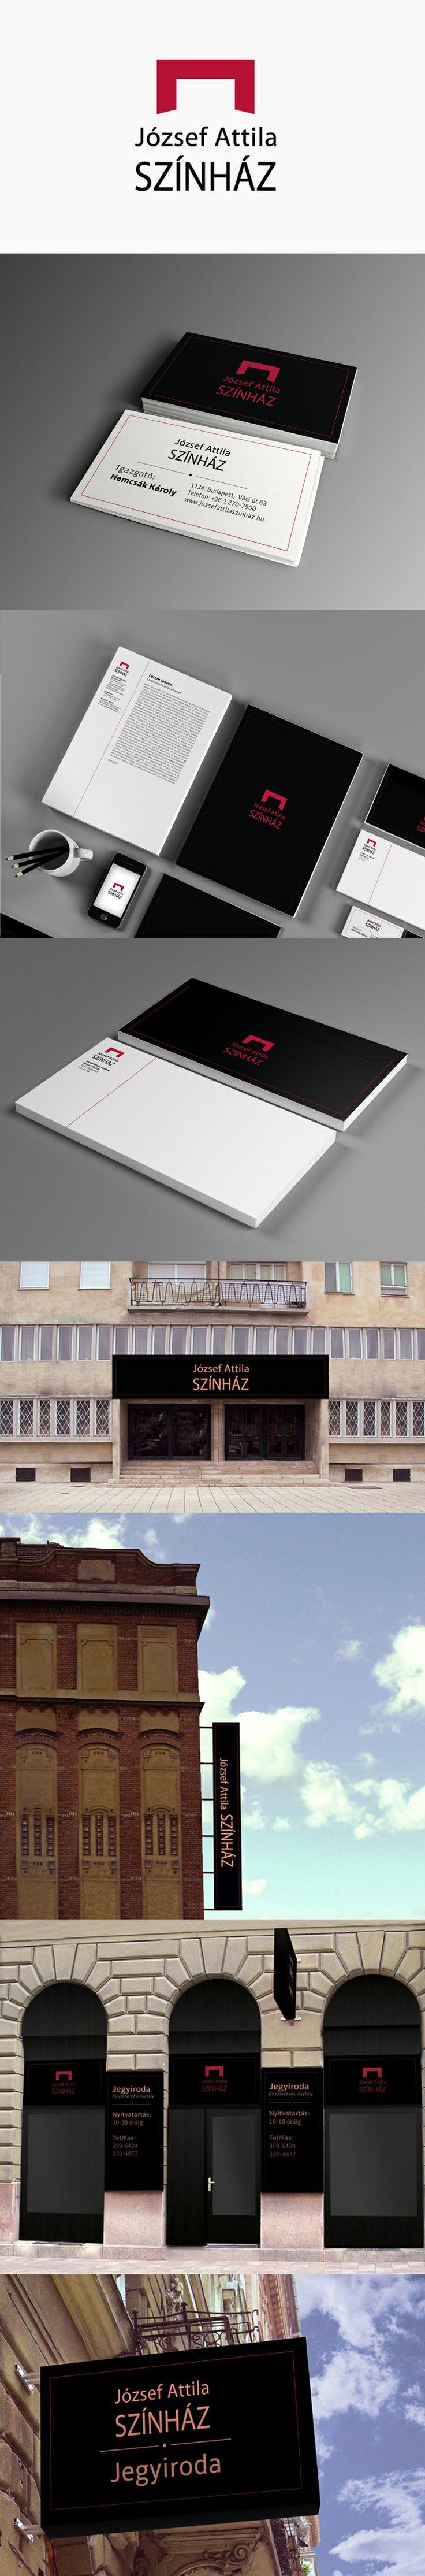 szinház - theater branding